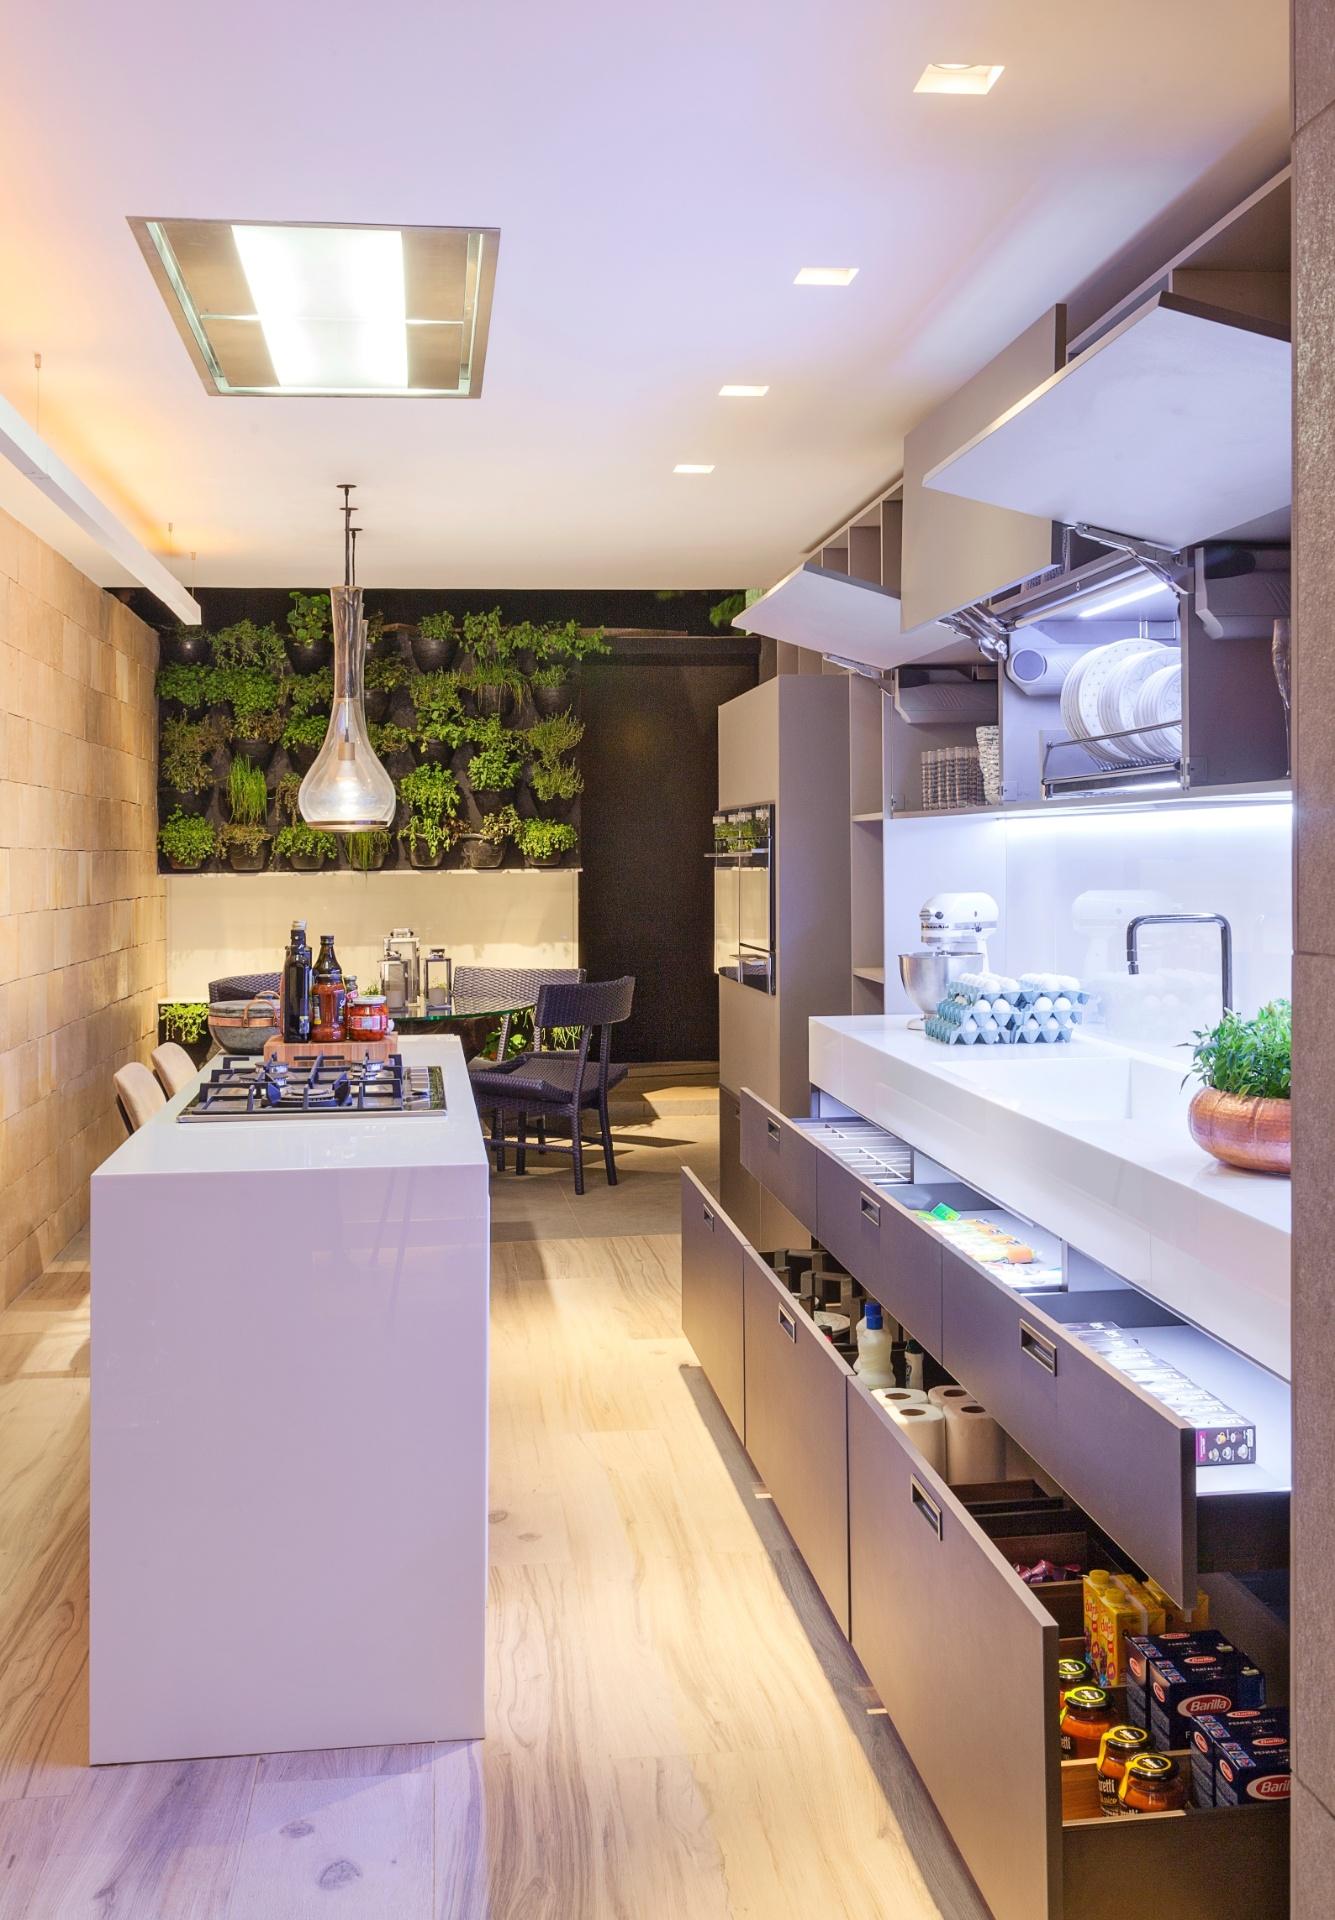 Na Cozinha A Bancada Com Pia E Cooktop à © Feita De Granito Preto  #9A6931 1335 1920